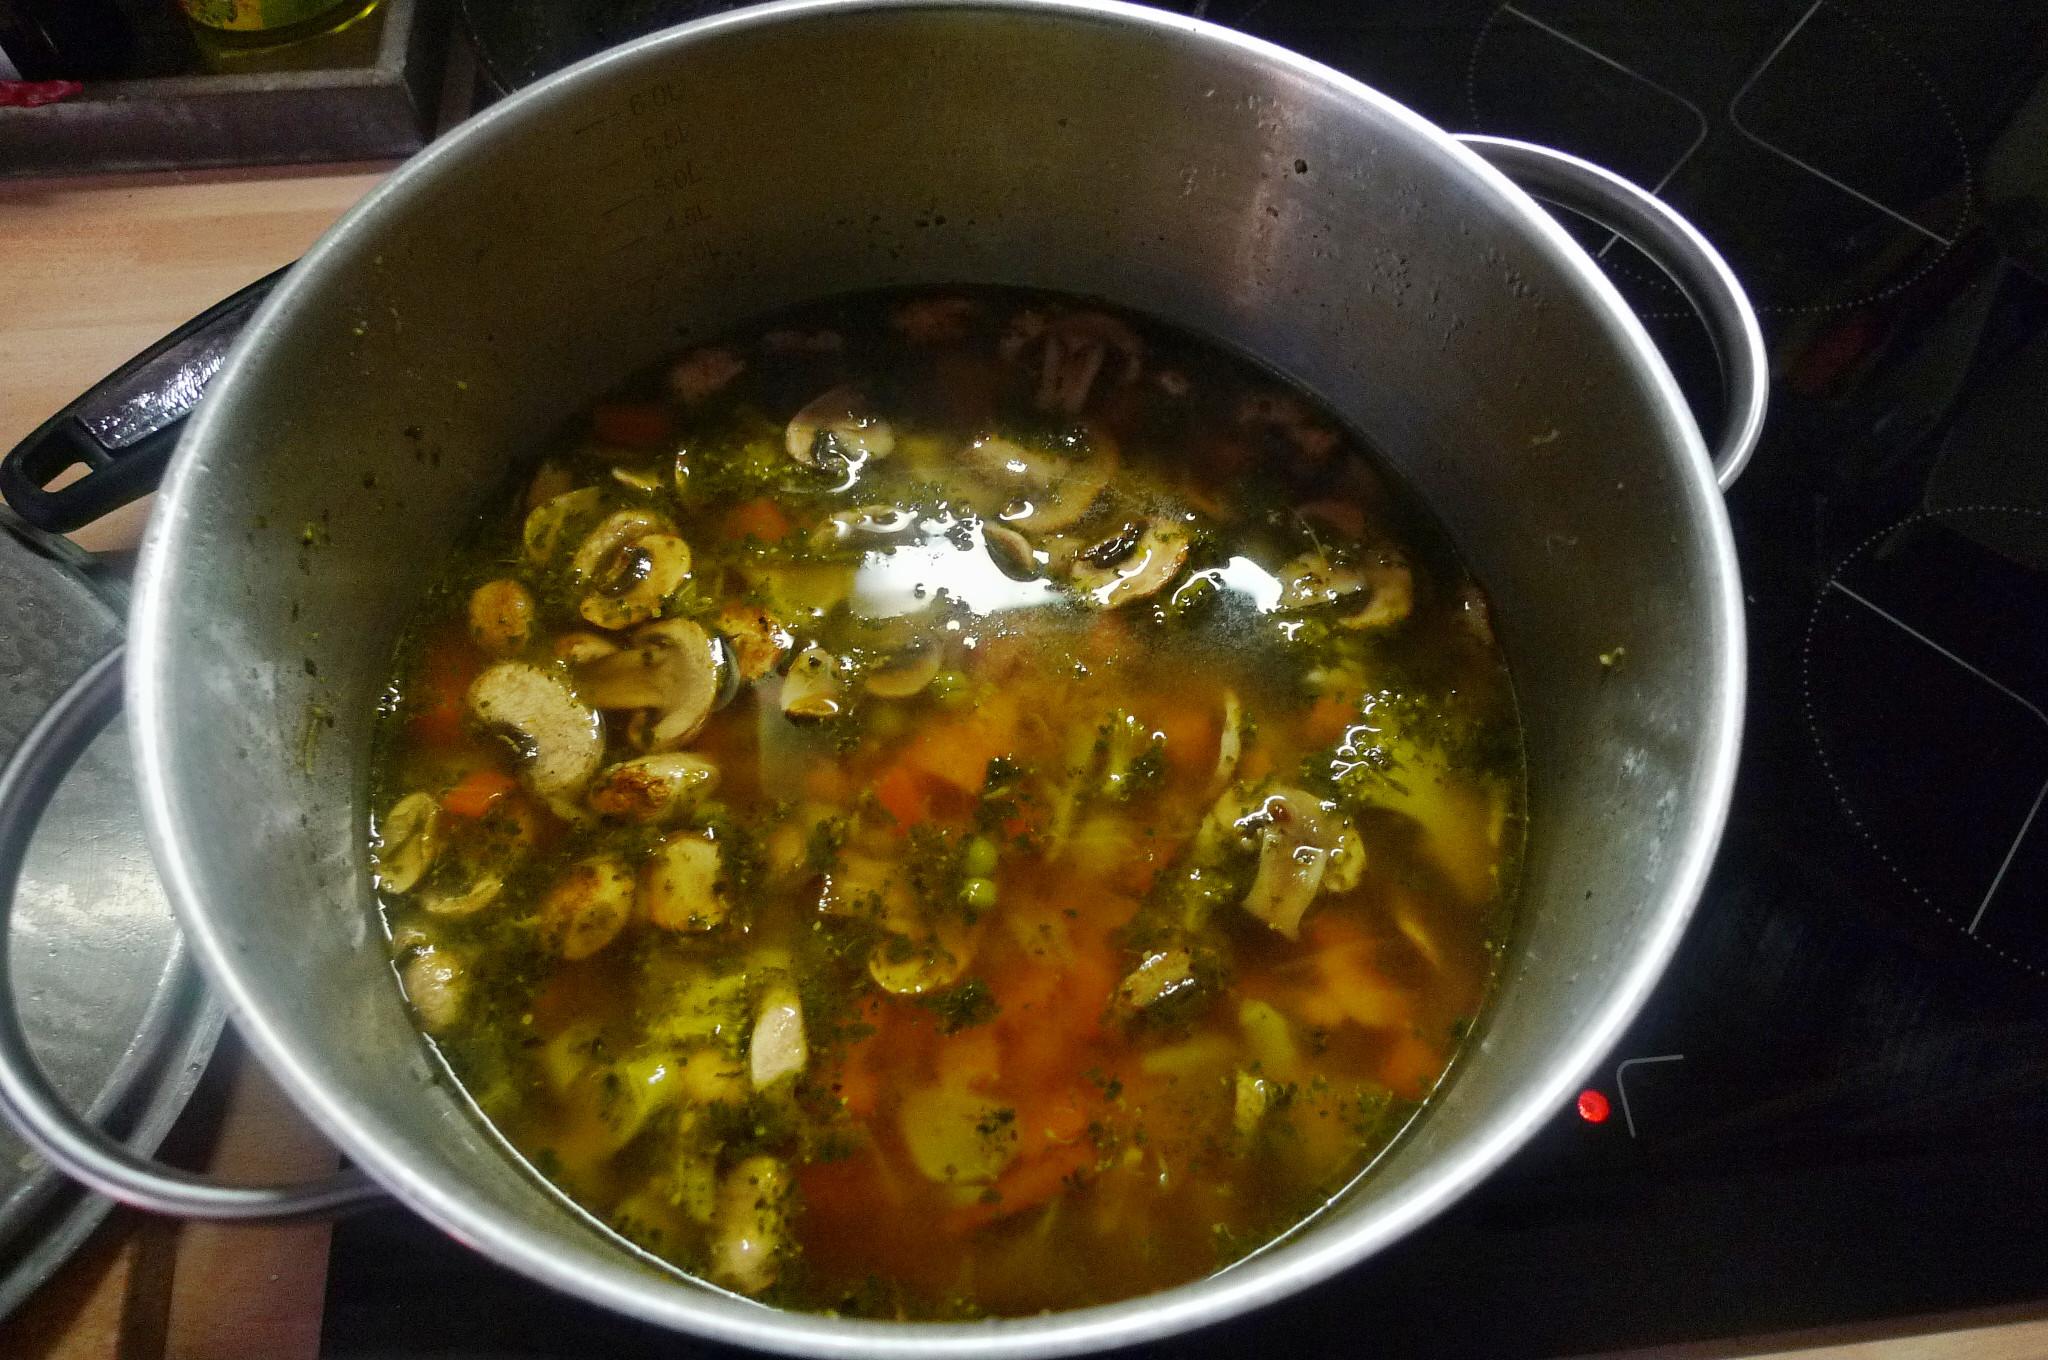 Gemüsesuppe mit Cräcker-6.3.15   (10)